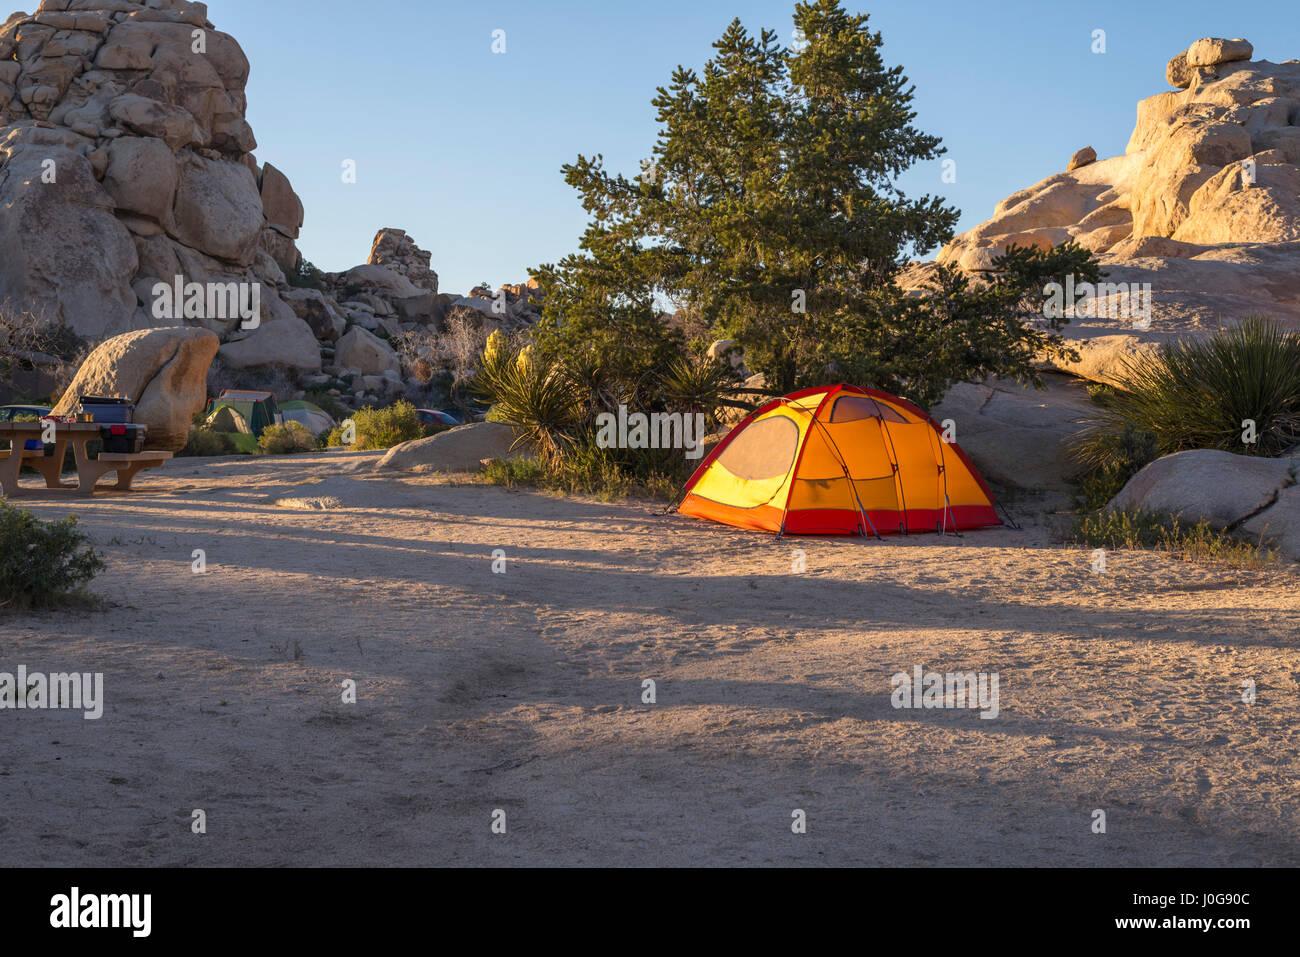 Tienda de campaña en el camping de la zona. El Parque Nacional Joshua Tree, California, USA. Imagen De Stock